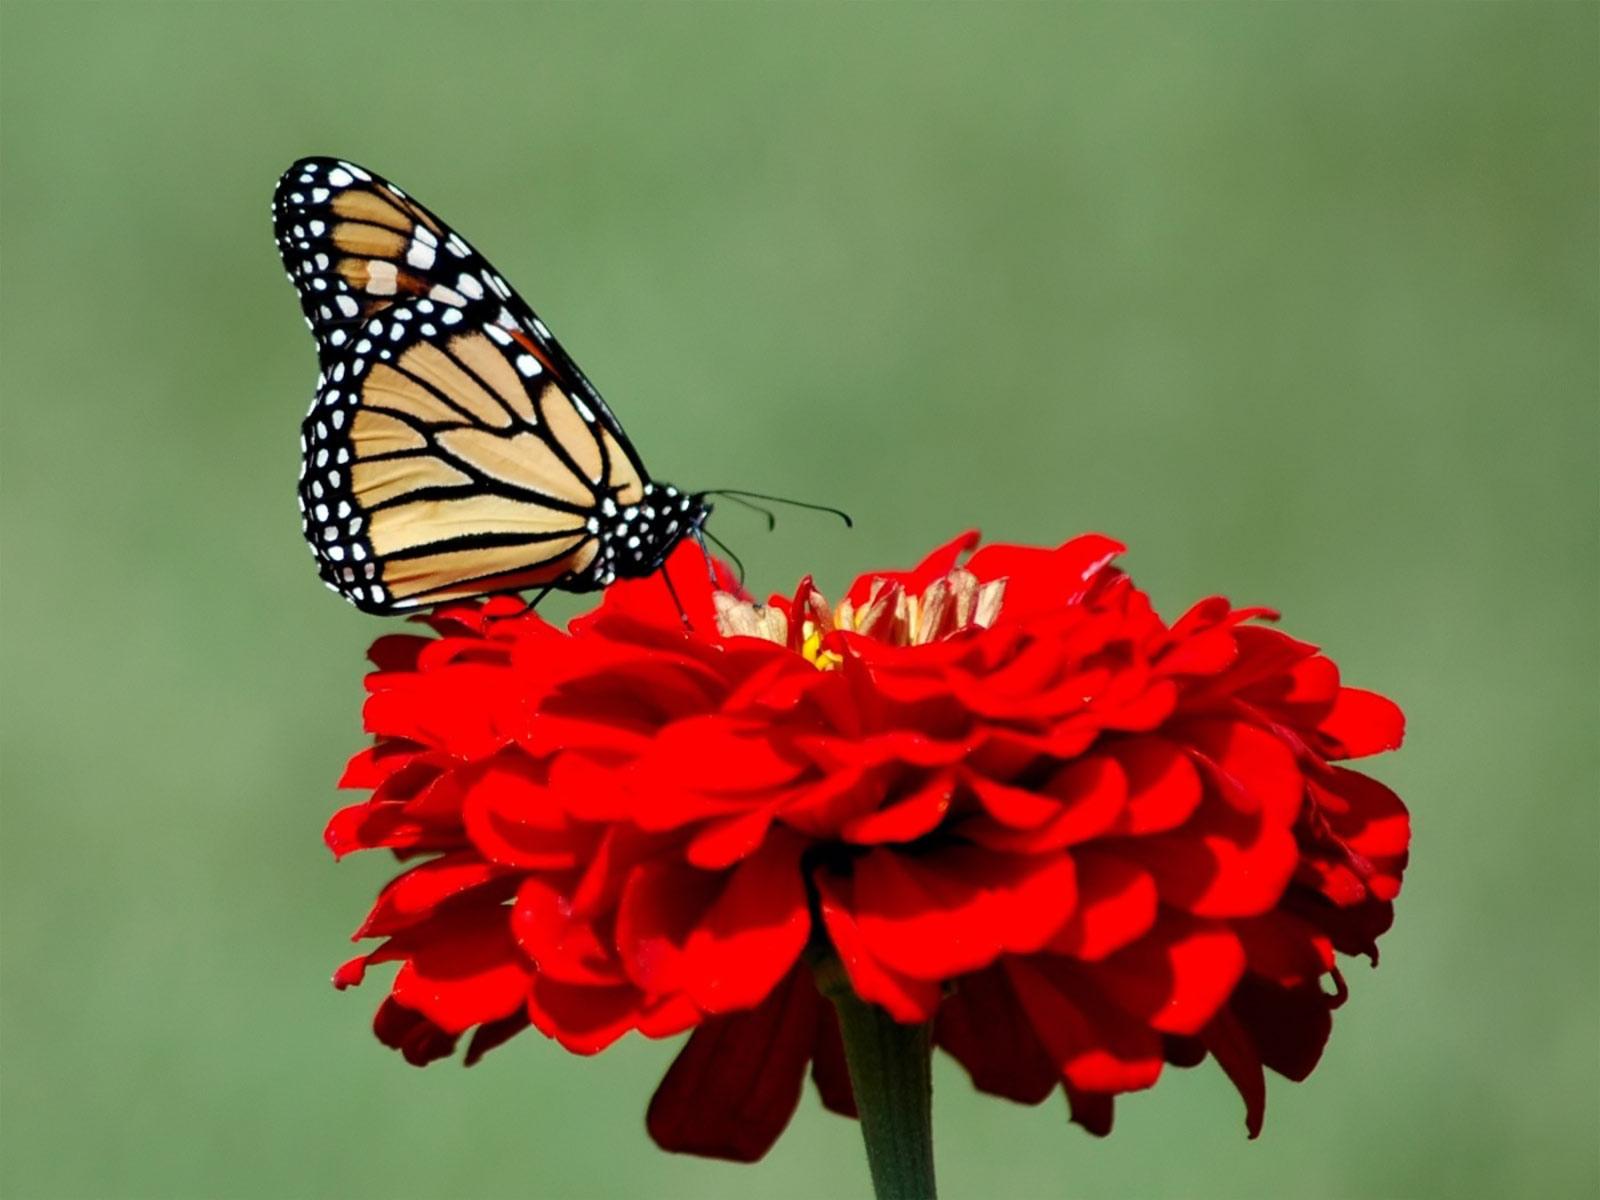 Free hd desktop wallpapers for Butterfly in a flower